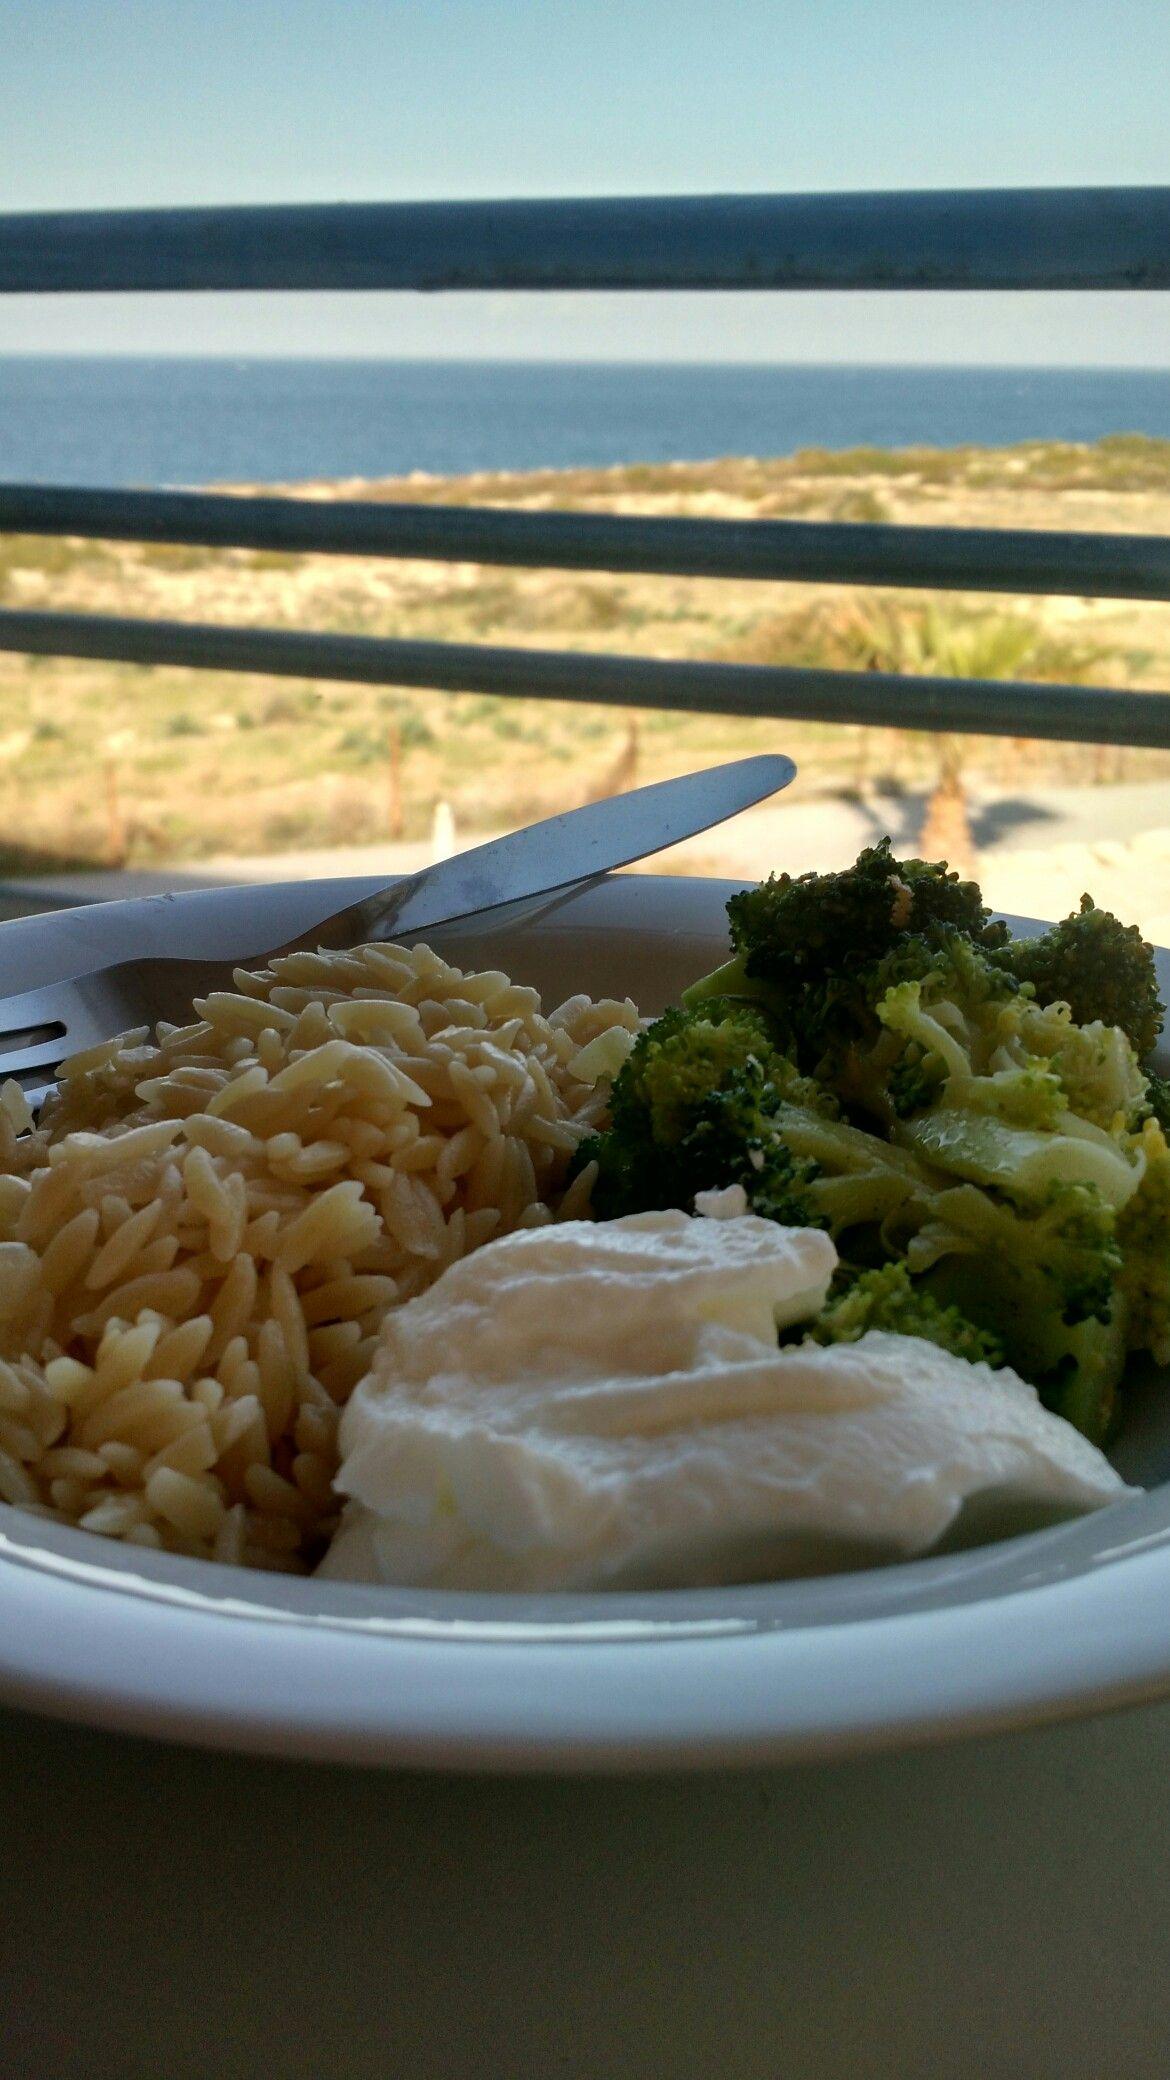 Arroz, iogurte, brócolis cozido e frito com alho azeite e raspas de limão